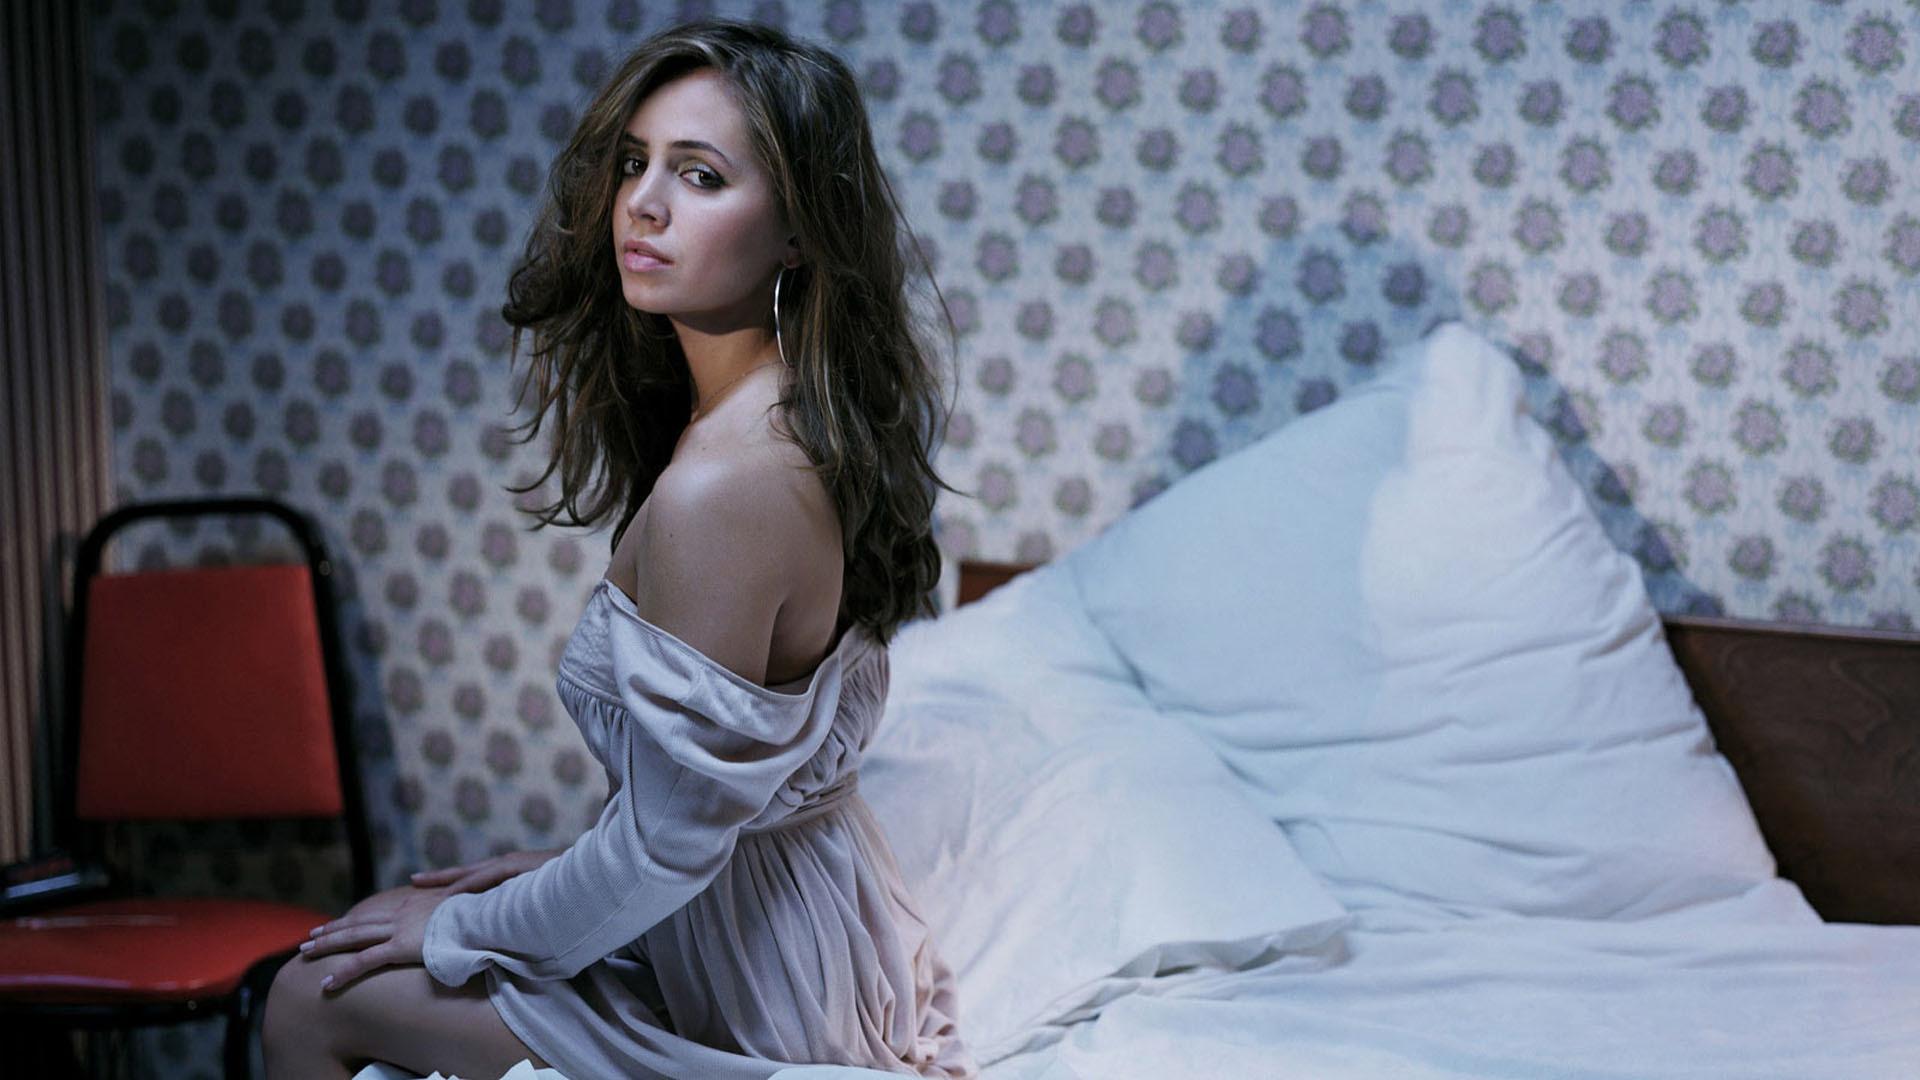 Eliza Dushku Pictures